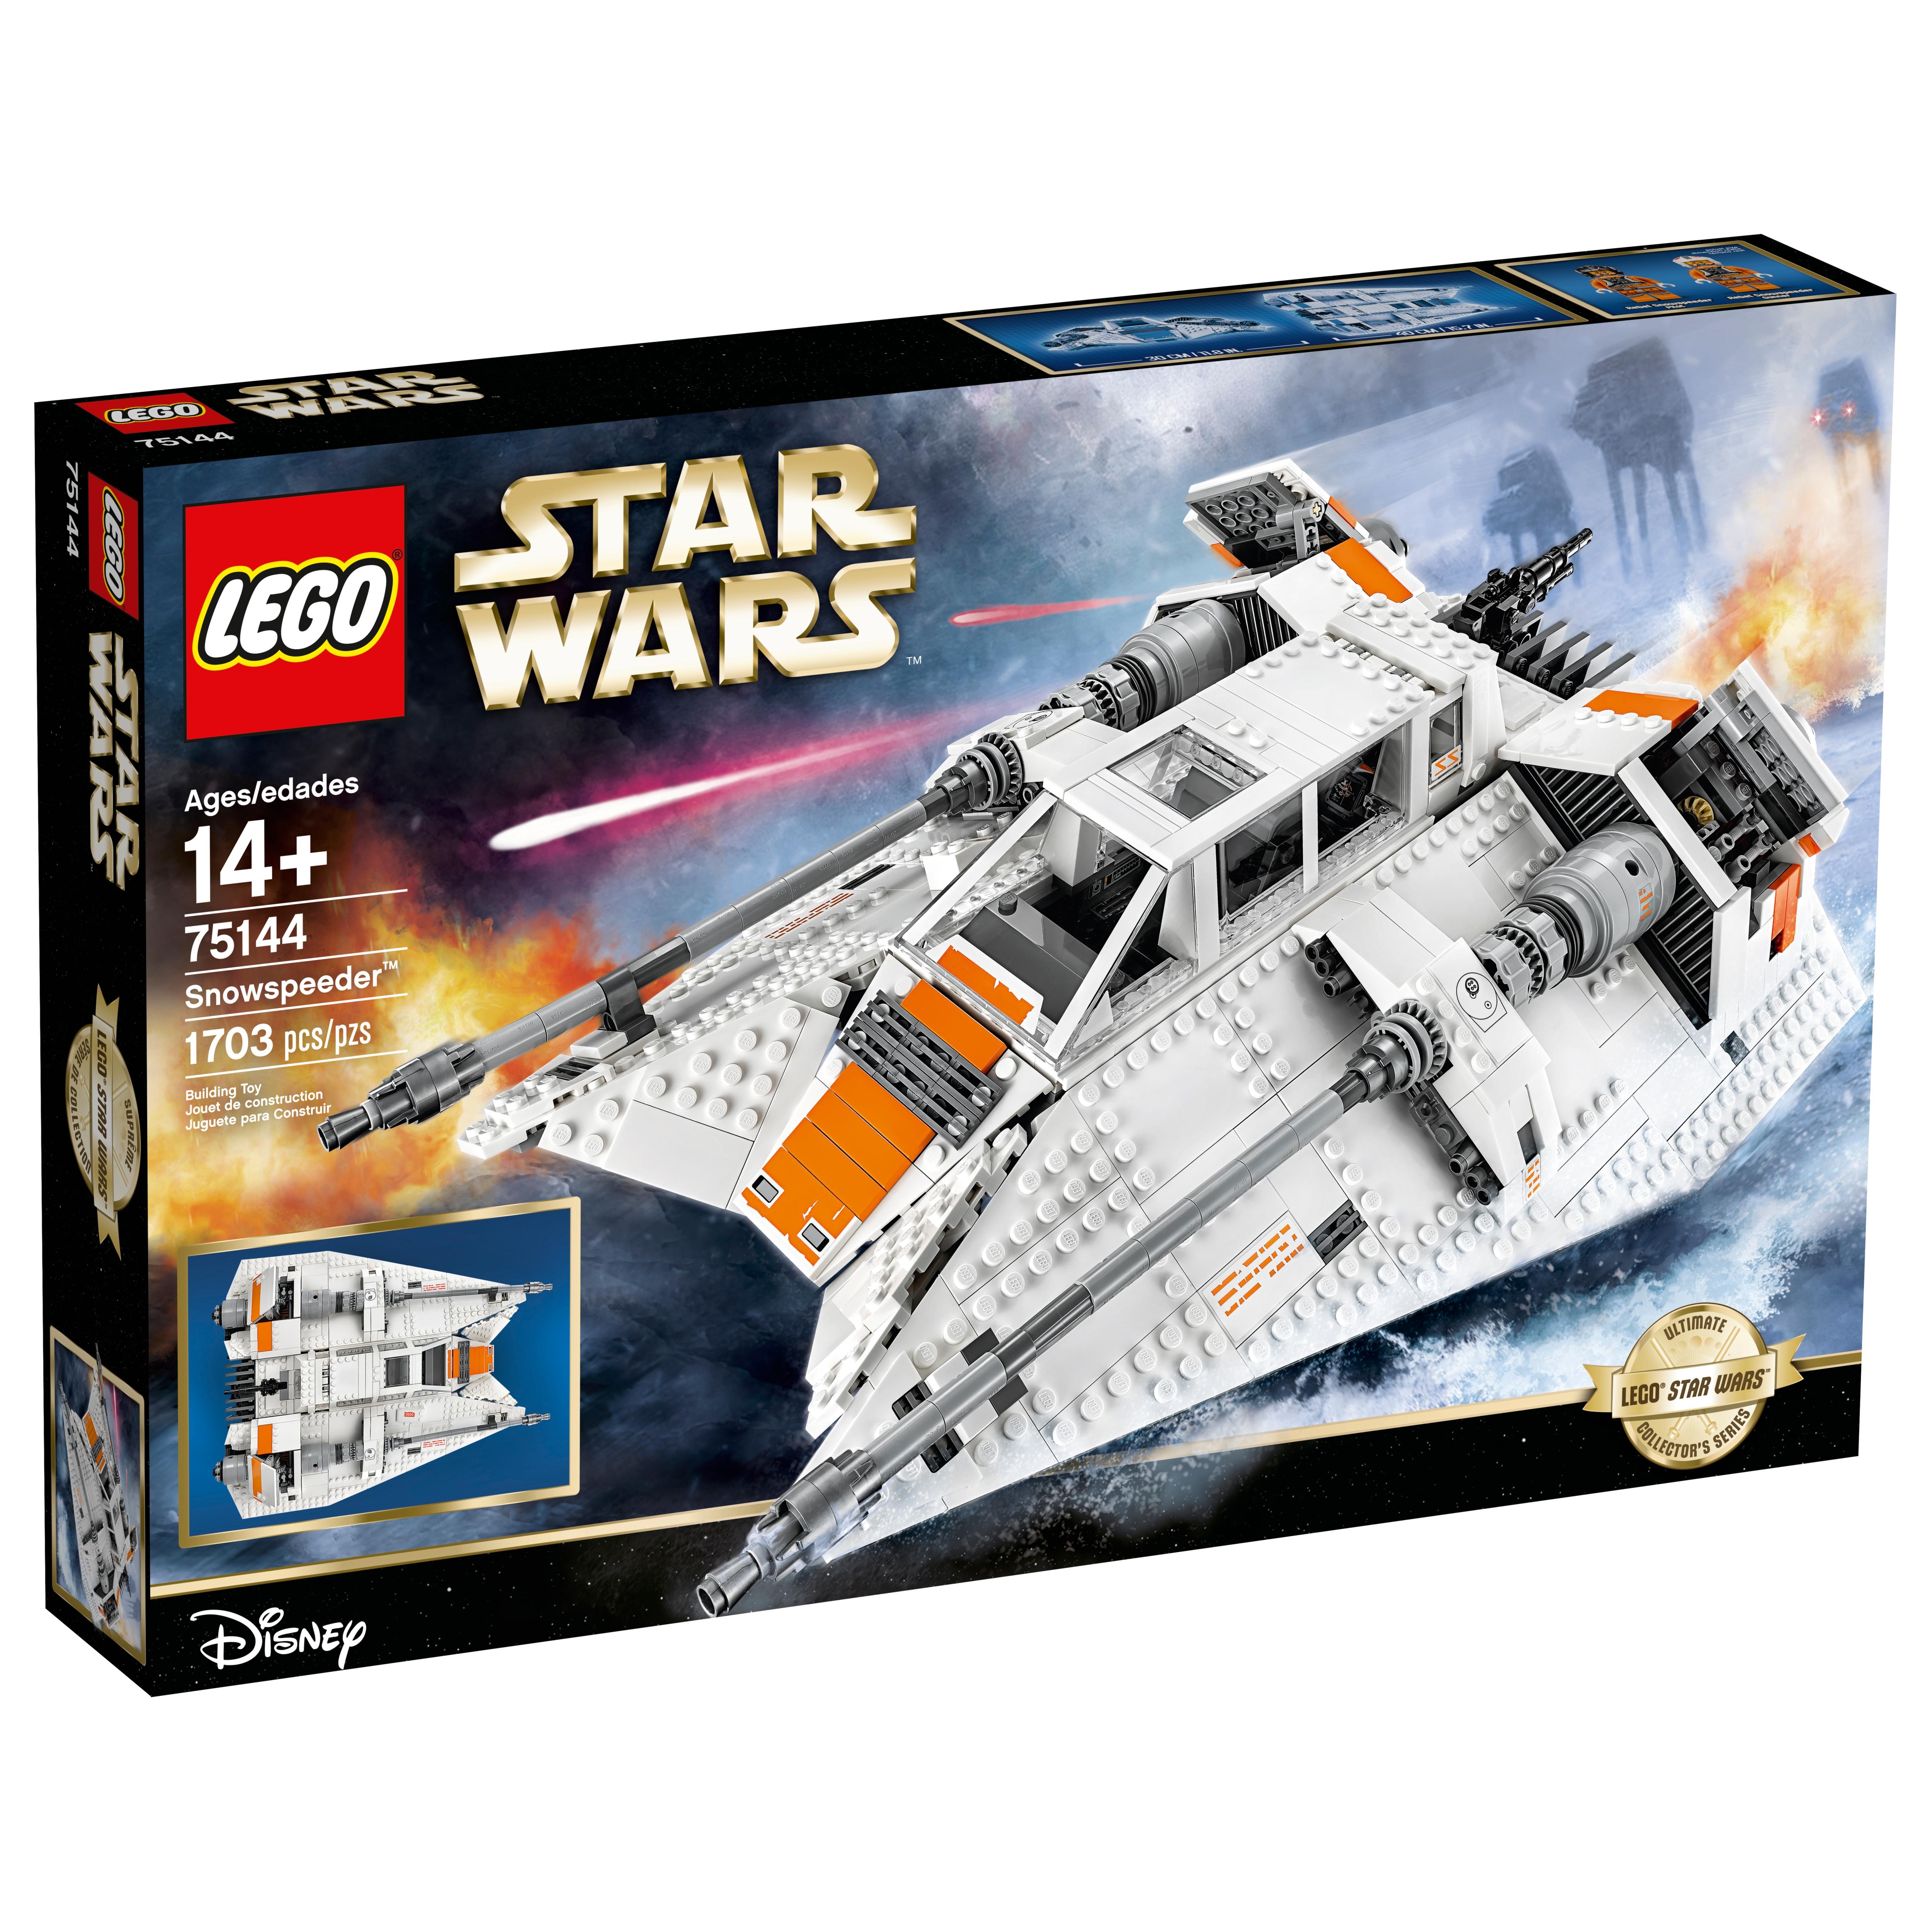 CUSTOM sticker for LEGO 10129 Rebel Snowspeeder Star Wars